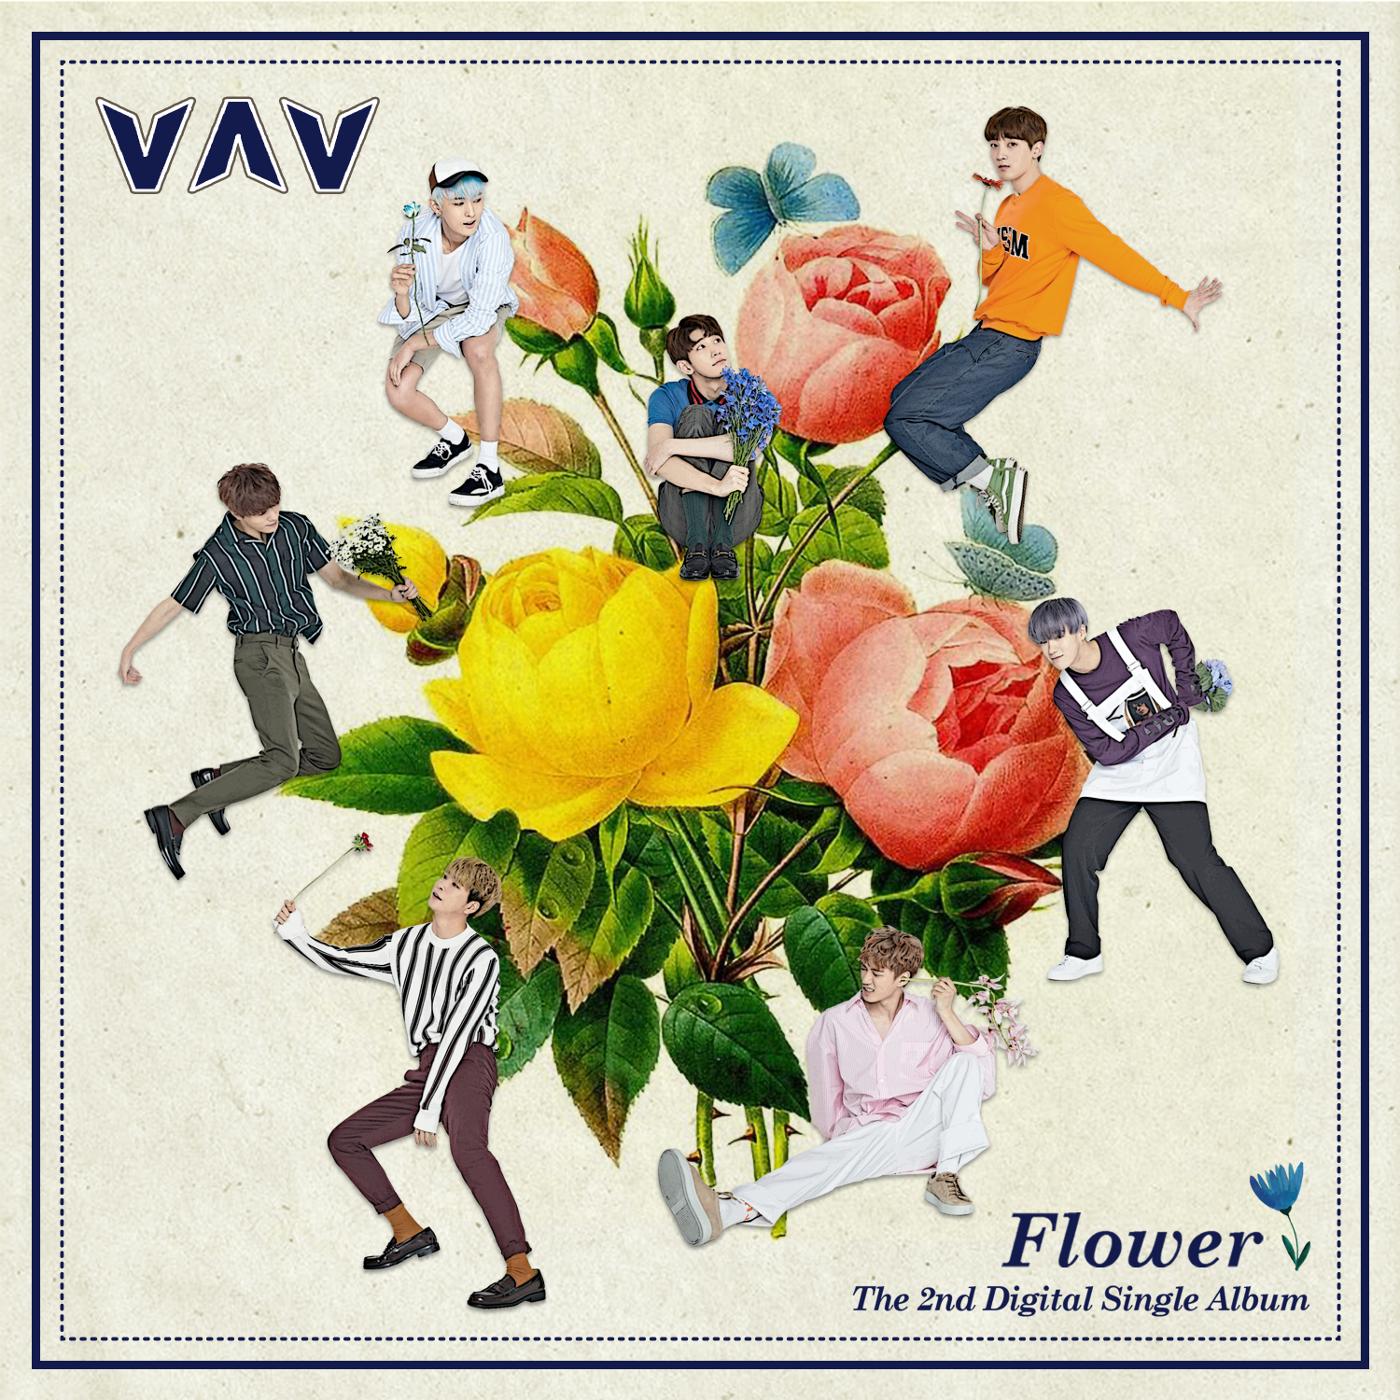 Flower (VAV)